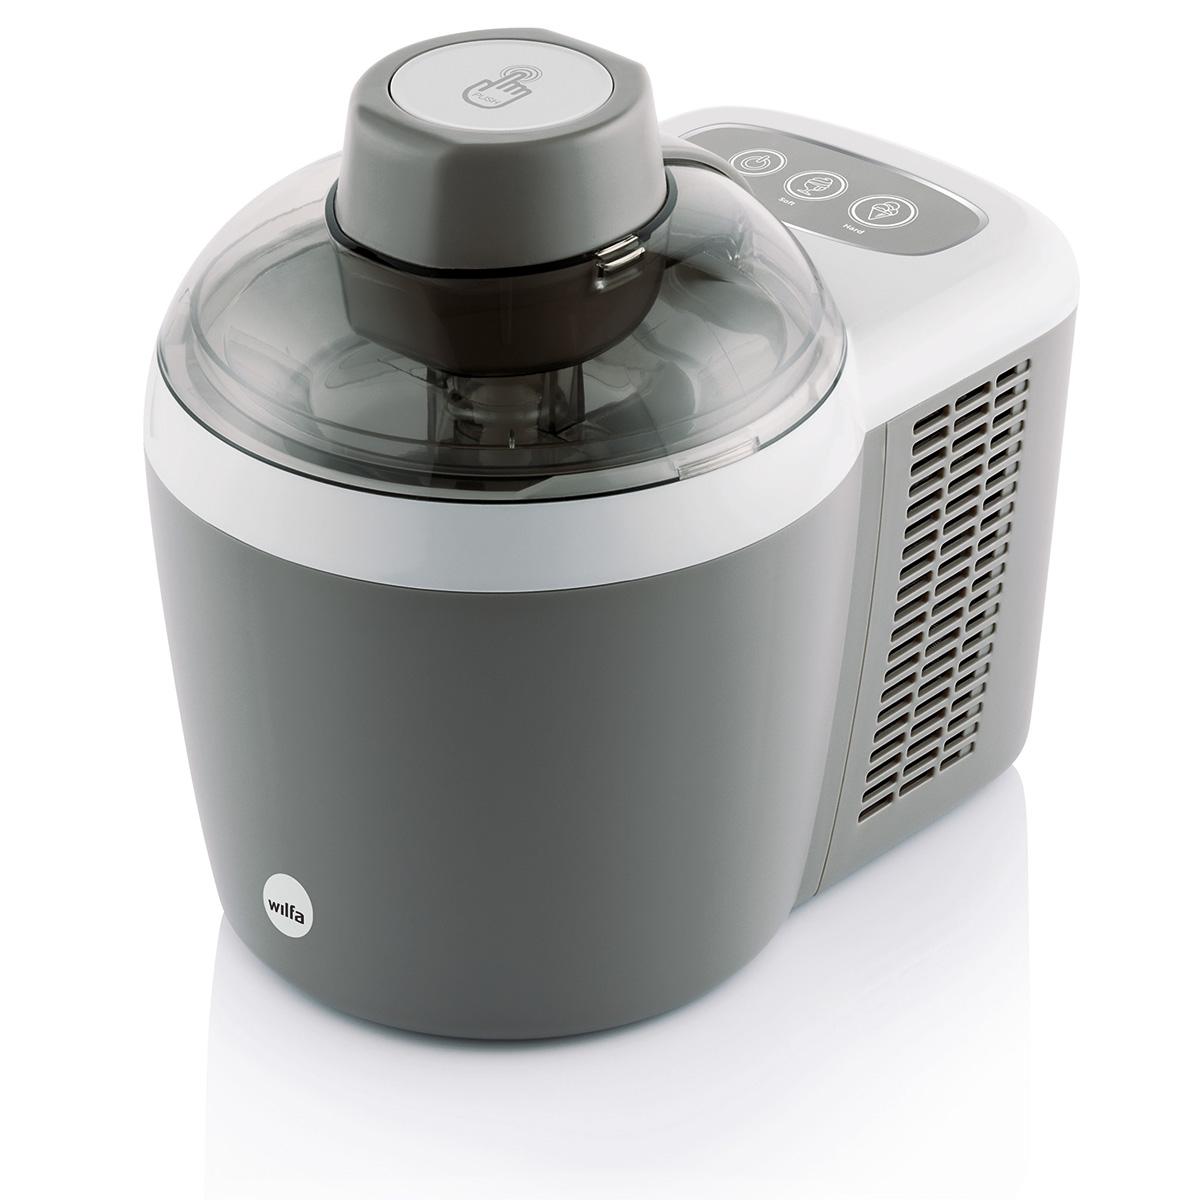 Wilfa ismaskine - ICMT-700SI